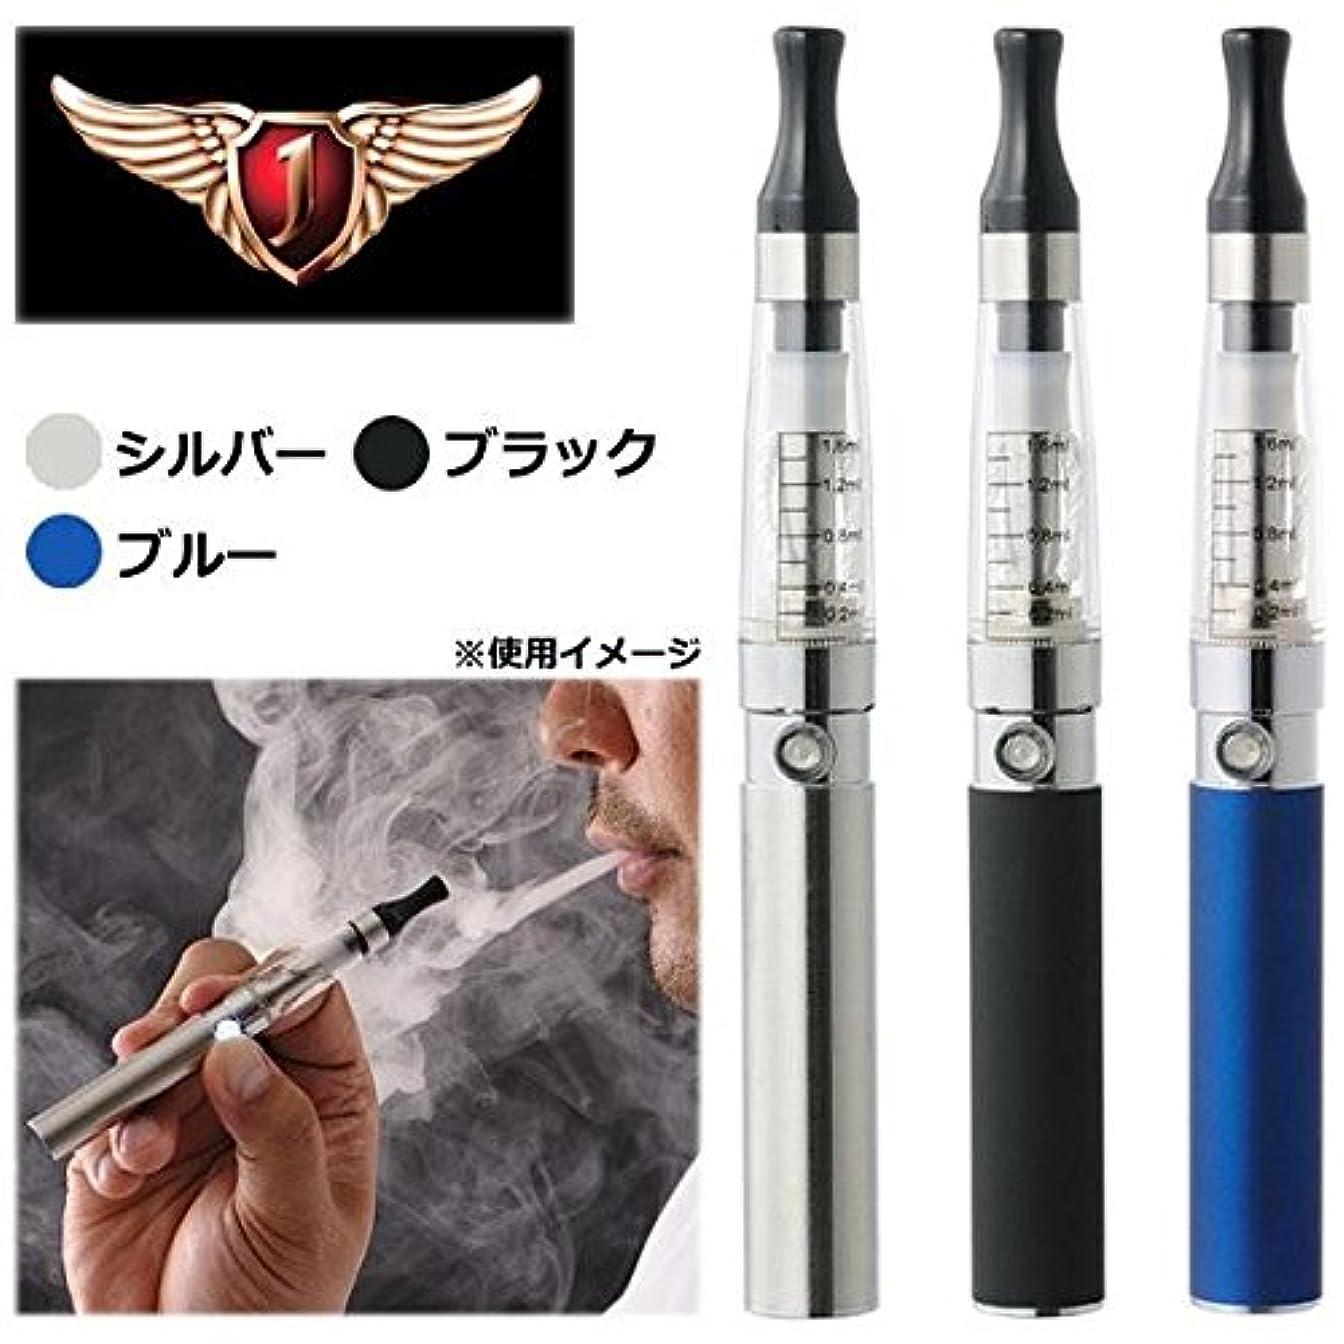 正午あいにく有害電子タバコ EAGLE SMOKE(イーグルスモーク) 本体 99750049?シルバー